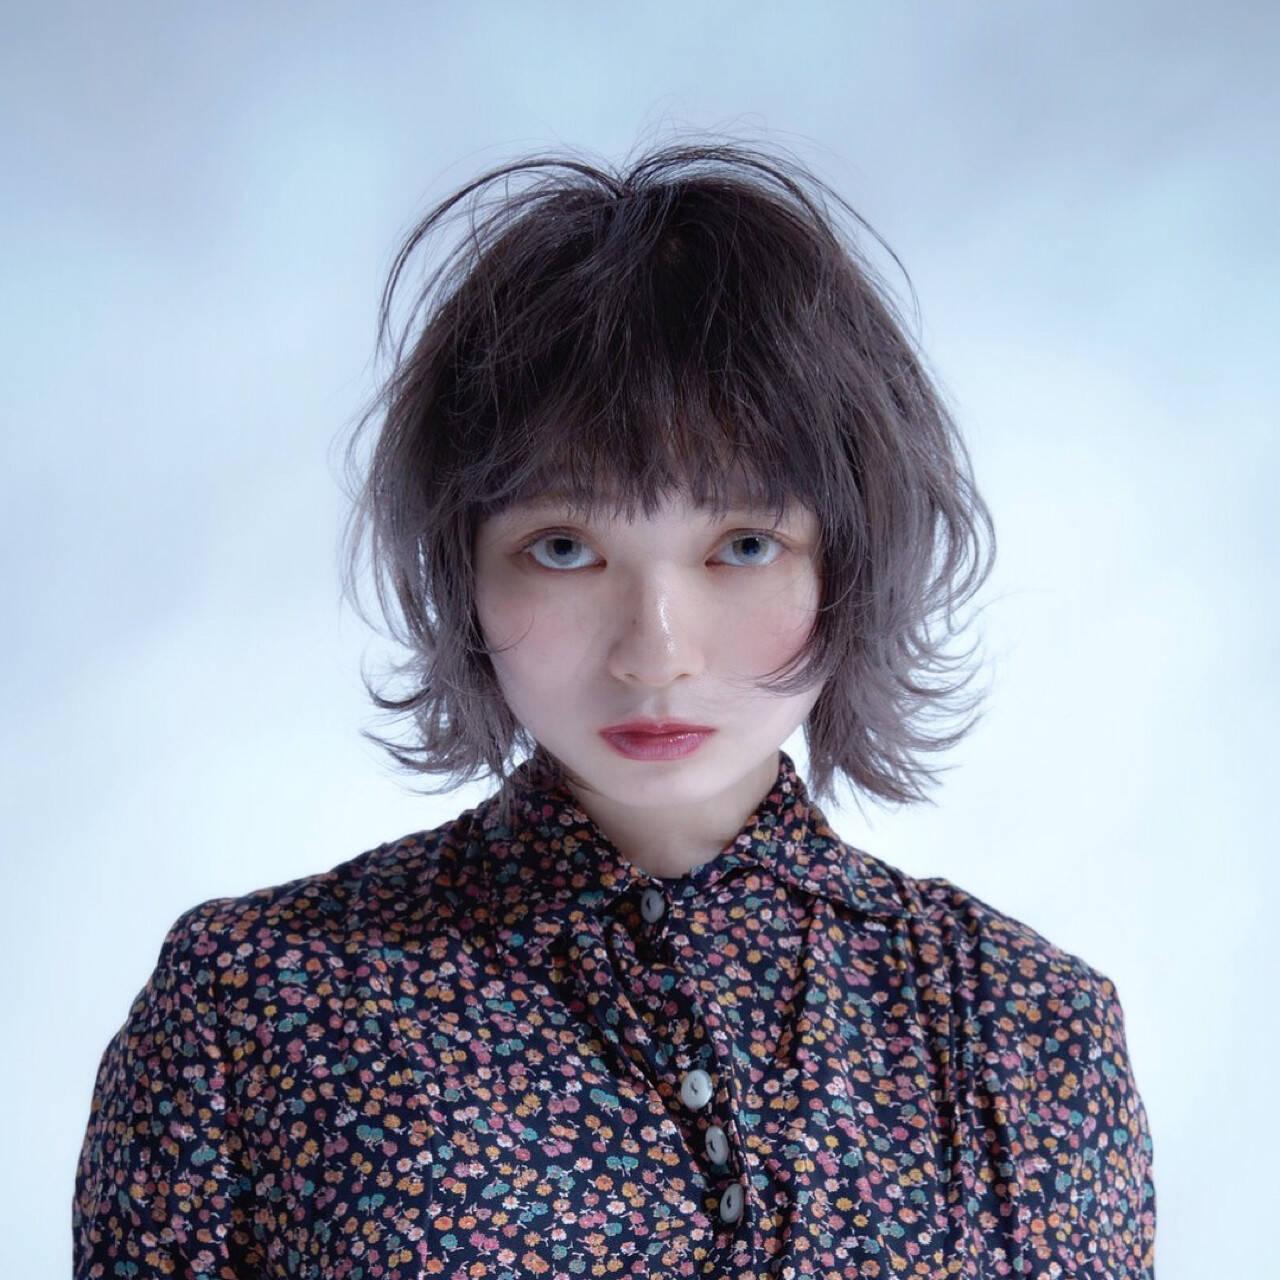 アッシュ ローライト ハイライト ガーリーヘアスタイルや髪型の写真・画像